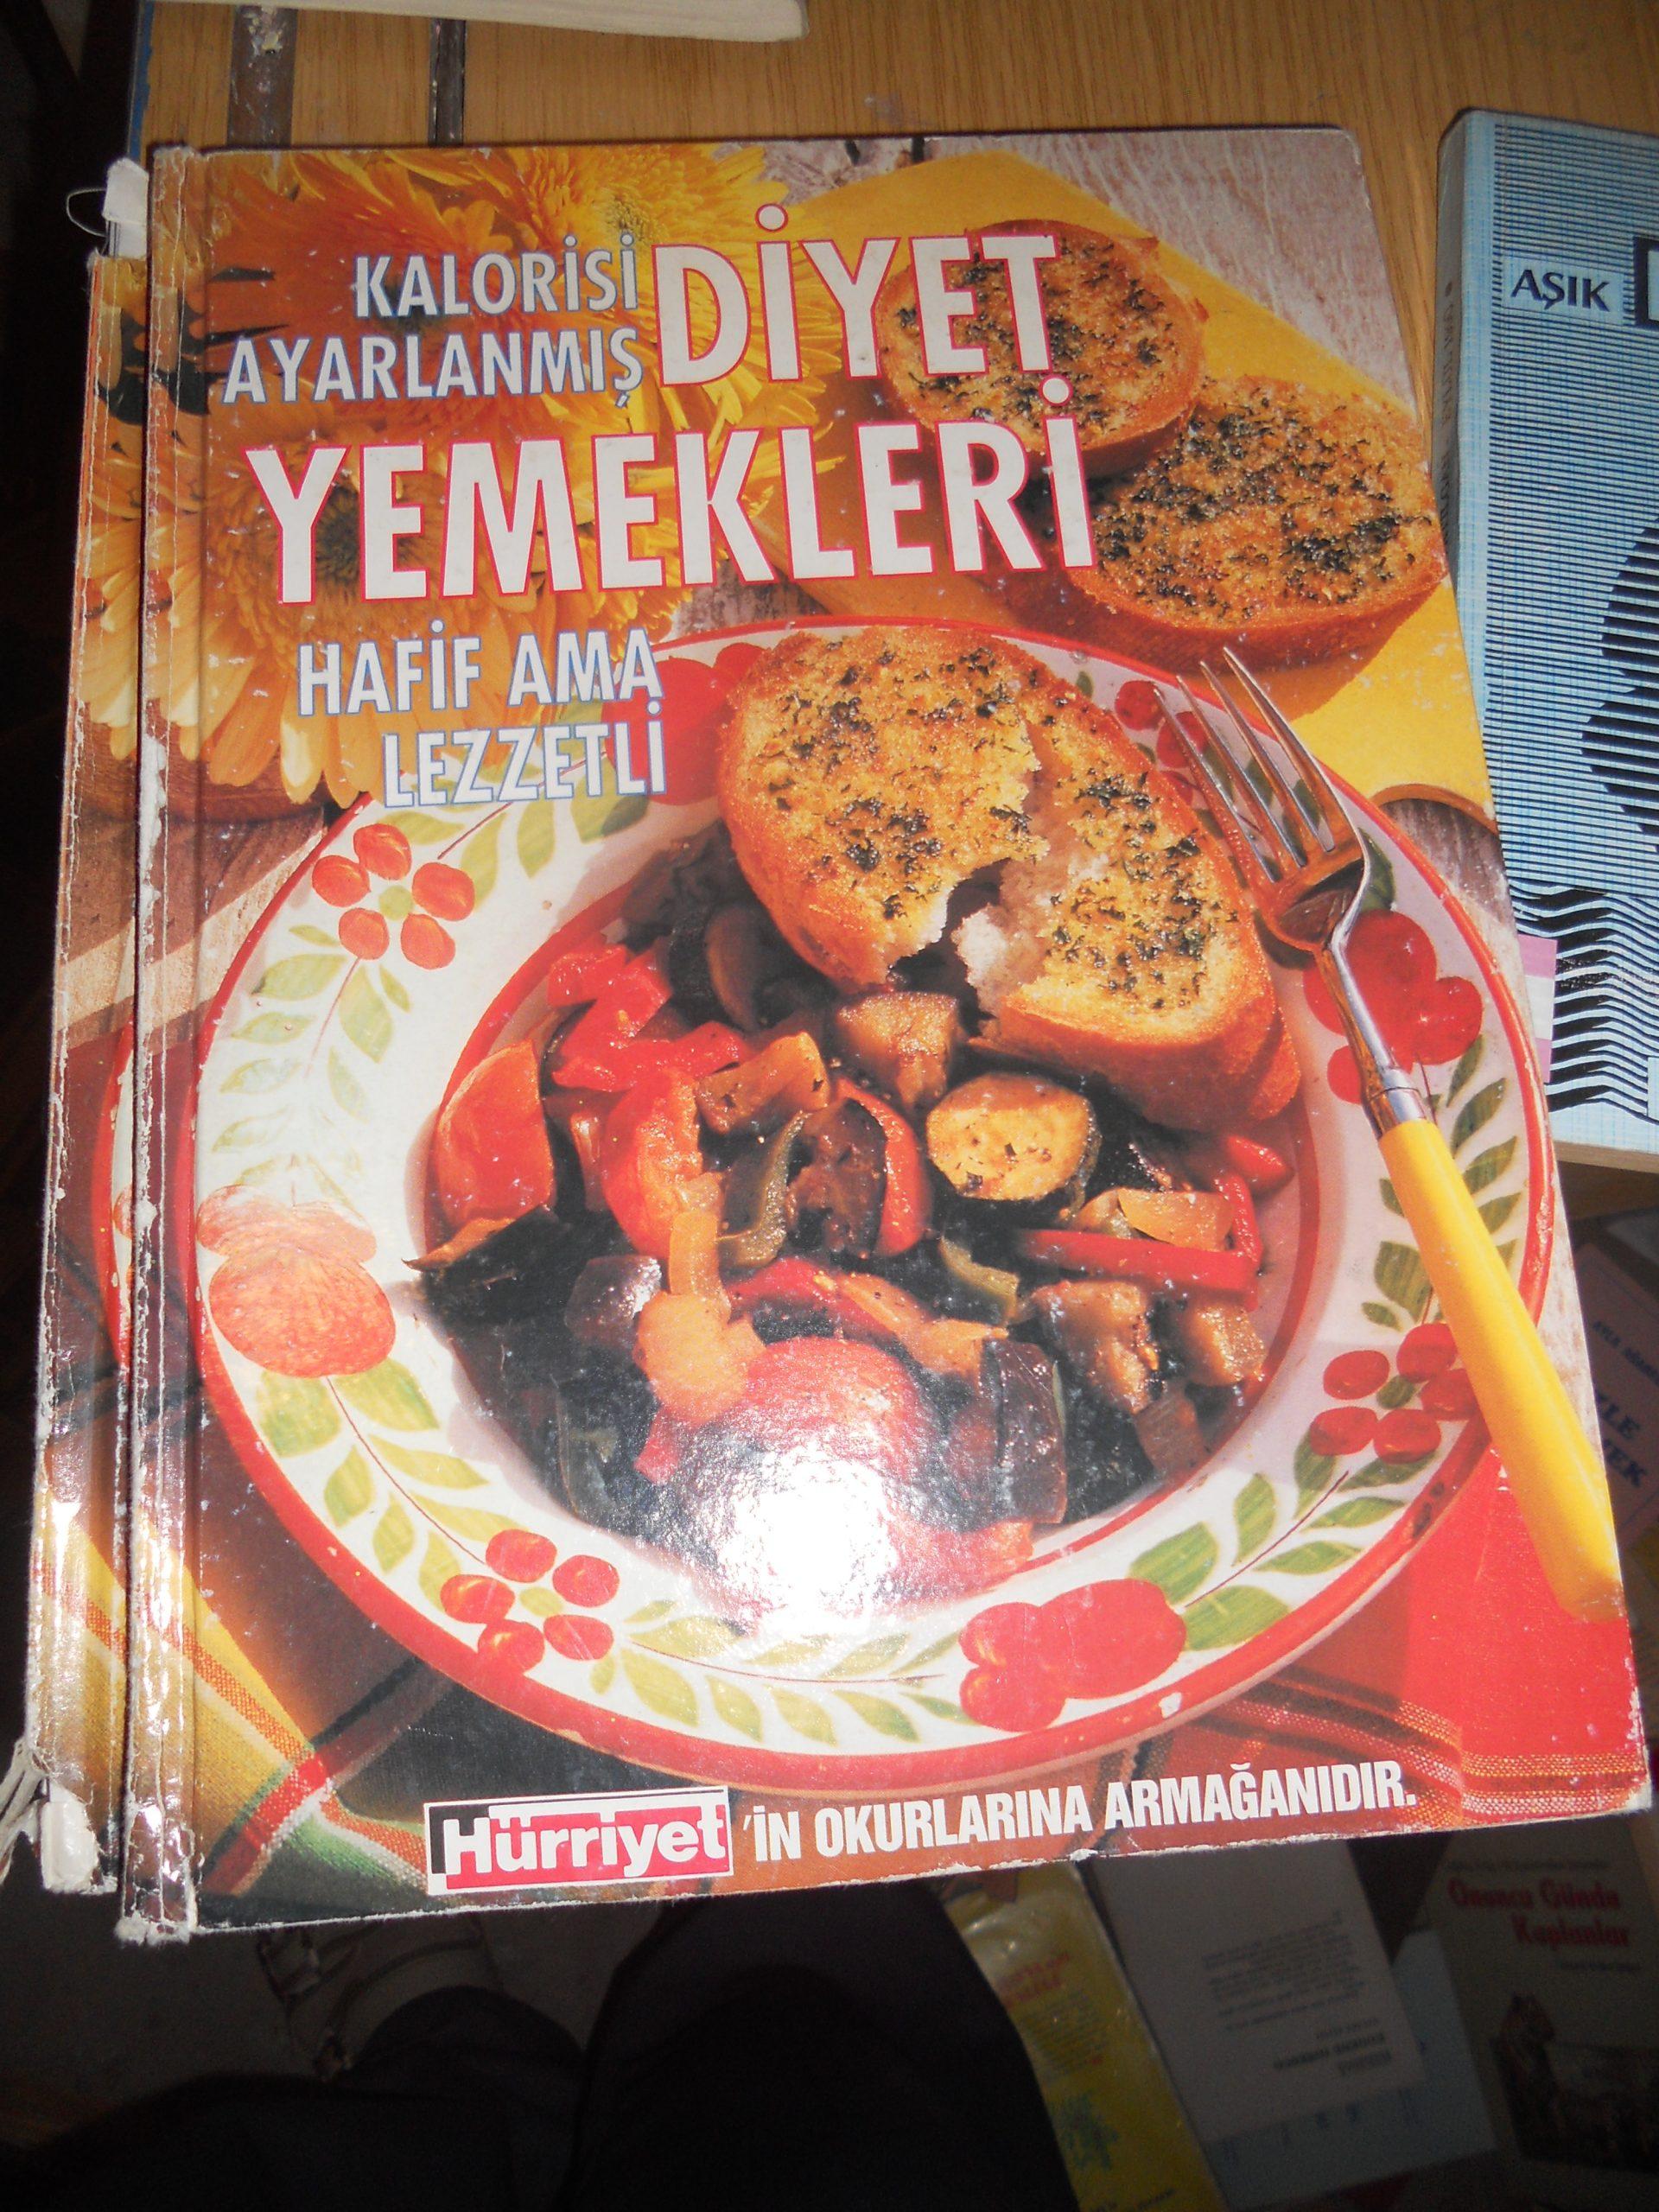 DİYET YEMEKLERİ(Kalorileri ayarlanmış)/ 10 tl